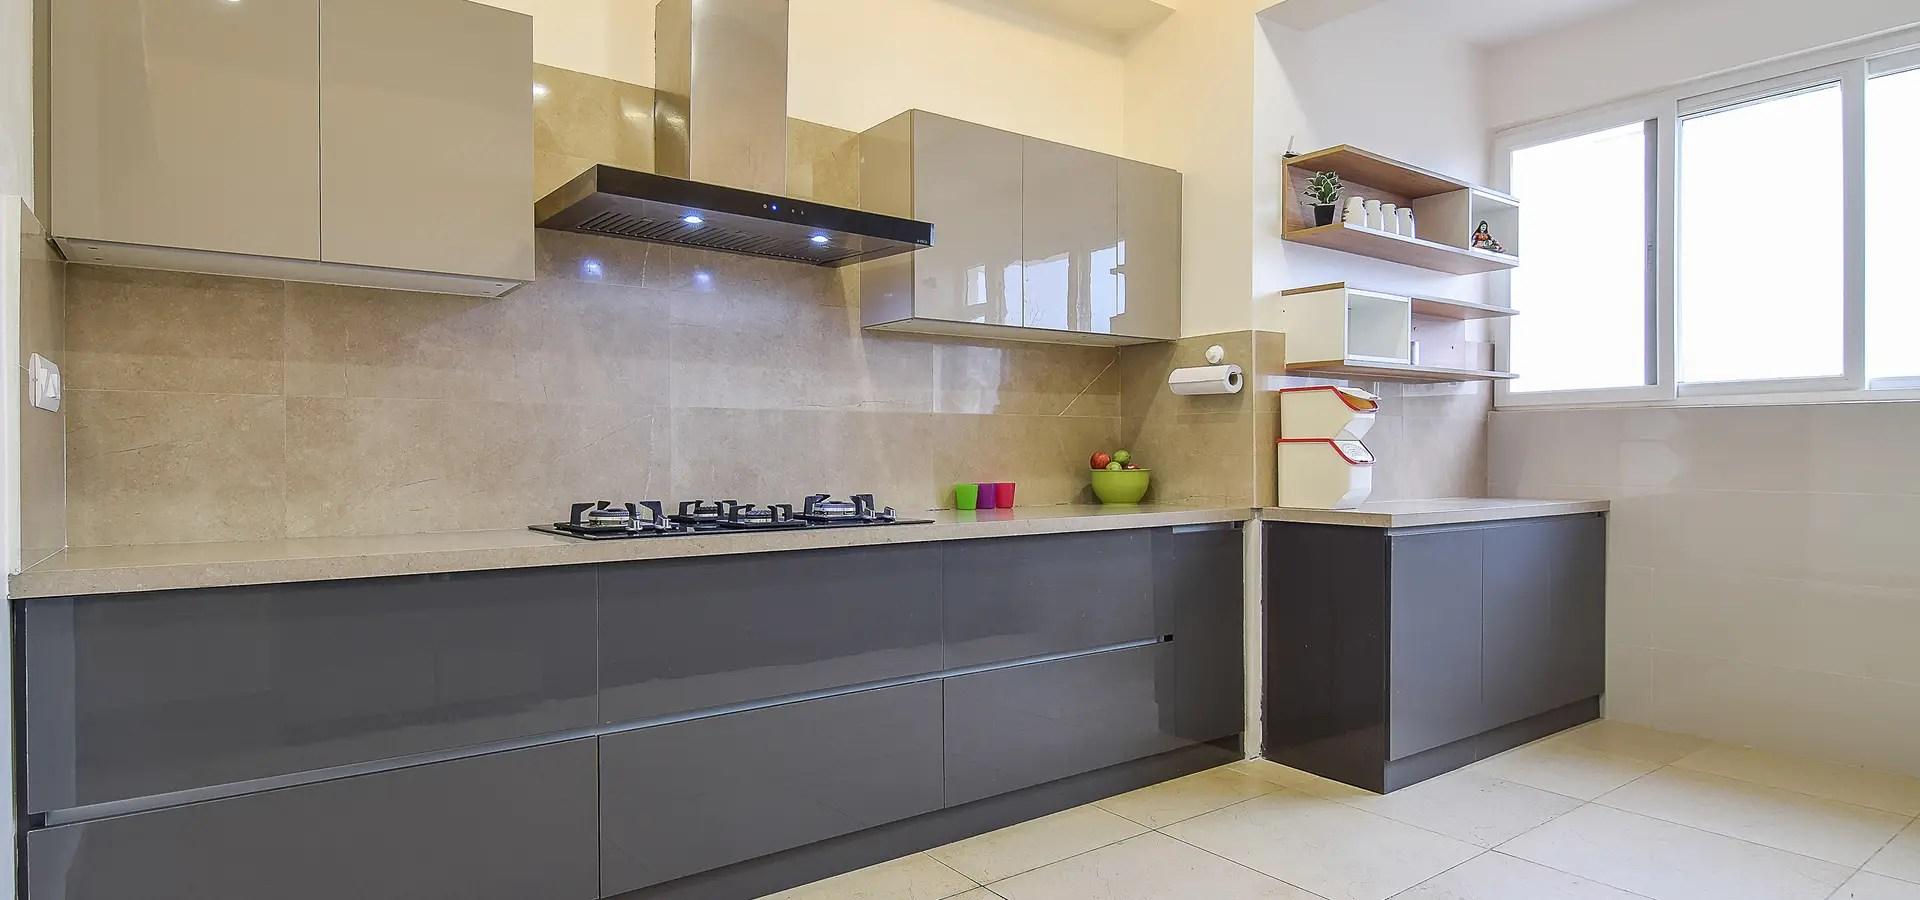 Interior Design Bangalore 2BHK Apartment By Design Arc Interiors